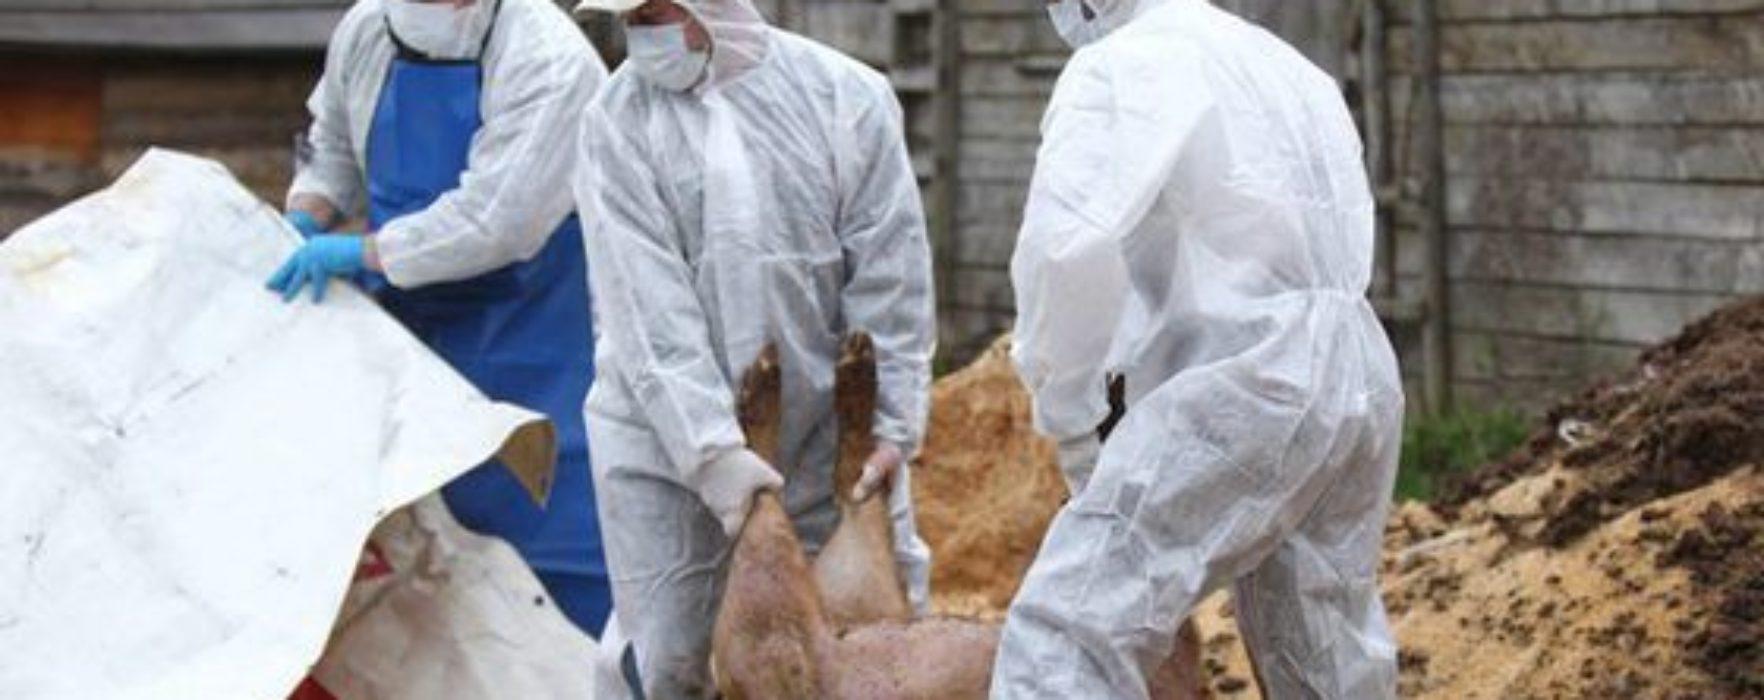 Dâmboviţa: Zonă de protecţie stabilită în Lucieni, după confirmarea pestei porcine